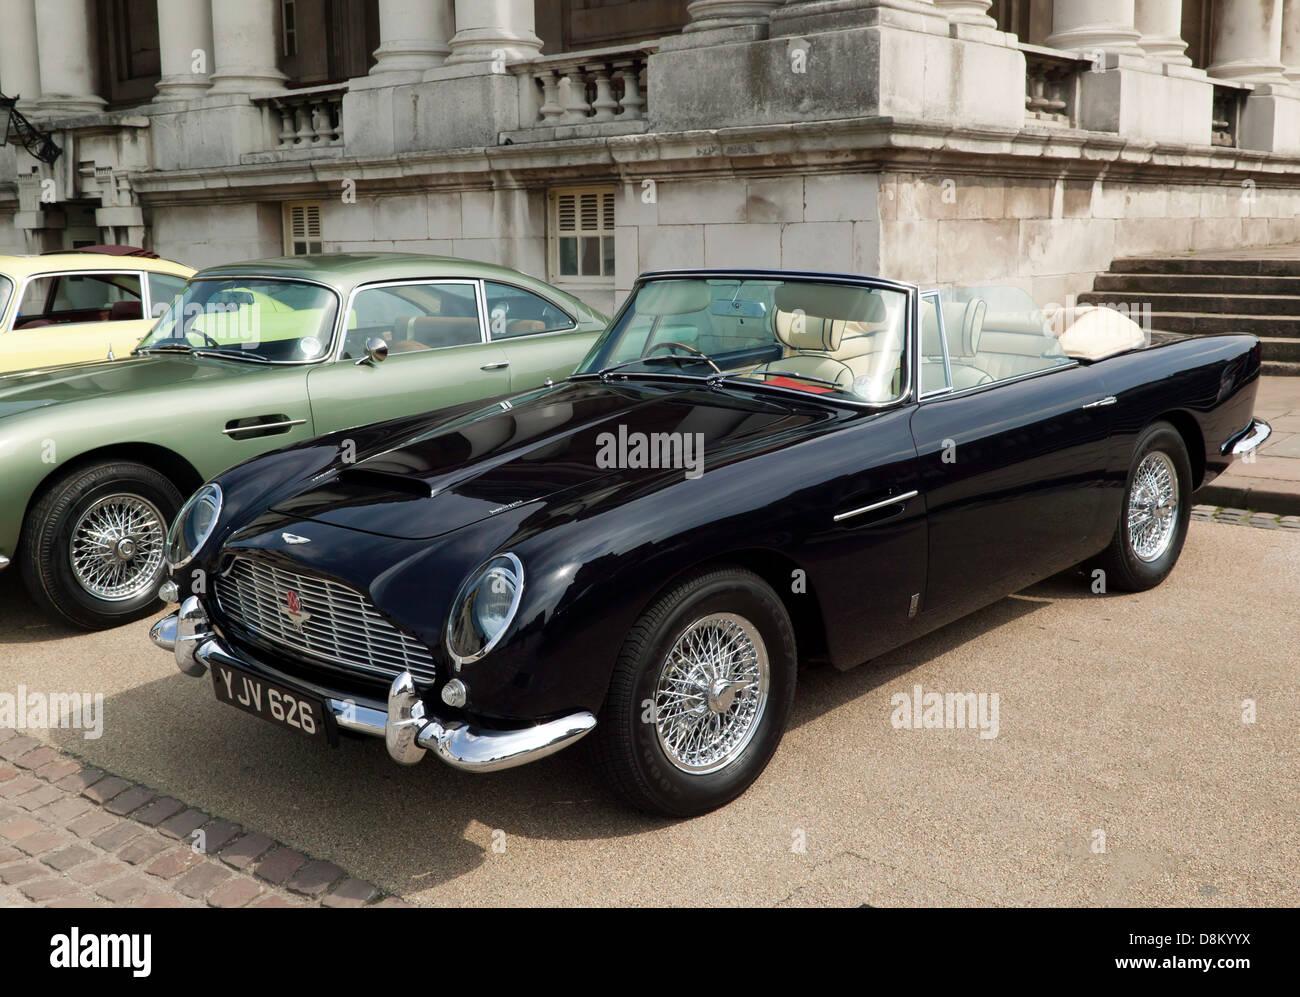 A Beautiful Rare Black Aston Martin Db5 Convertible On Display At